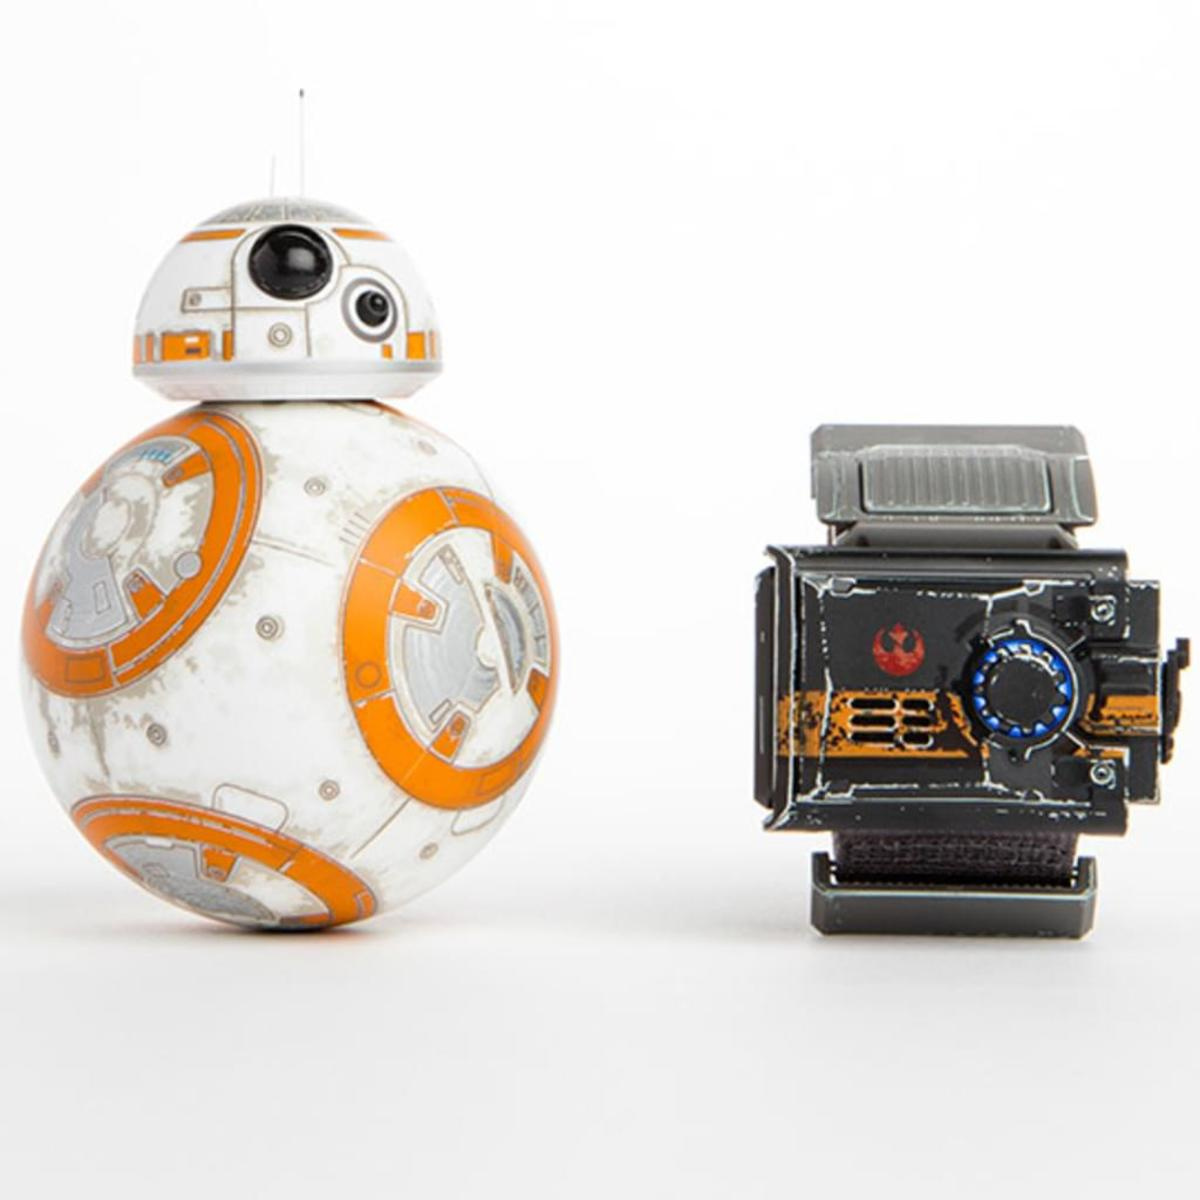 Bild 5 von Sphero Star Wars Roboter App Gesteuerter BB-8 Droid mit Force Band